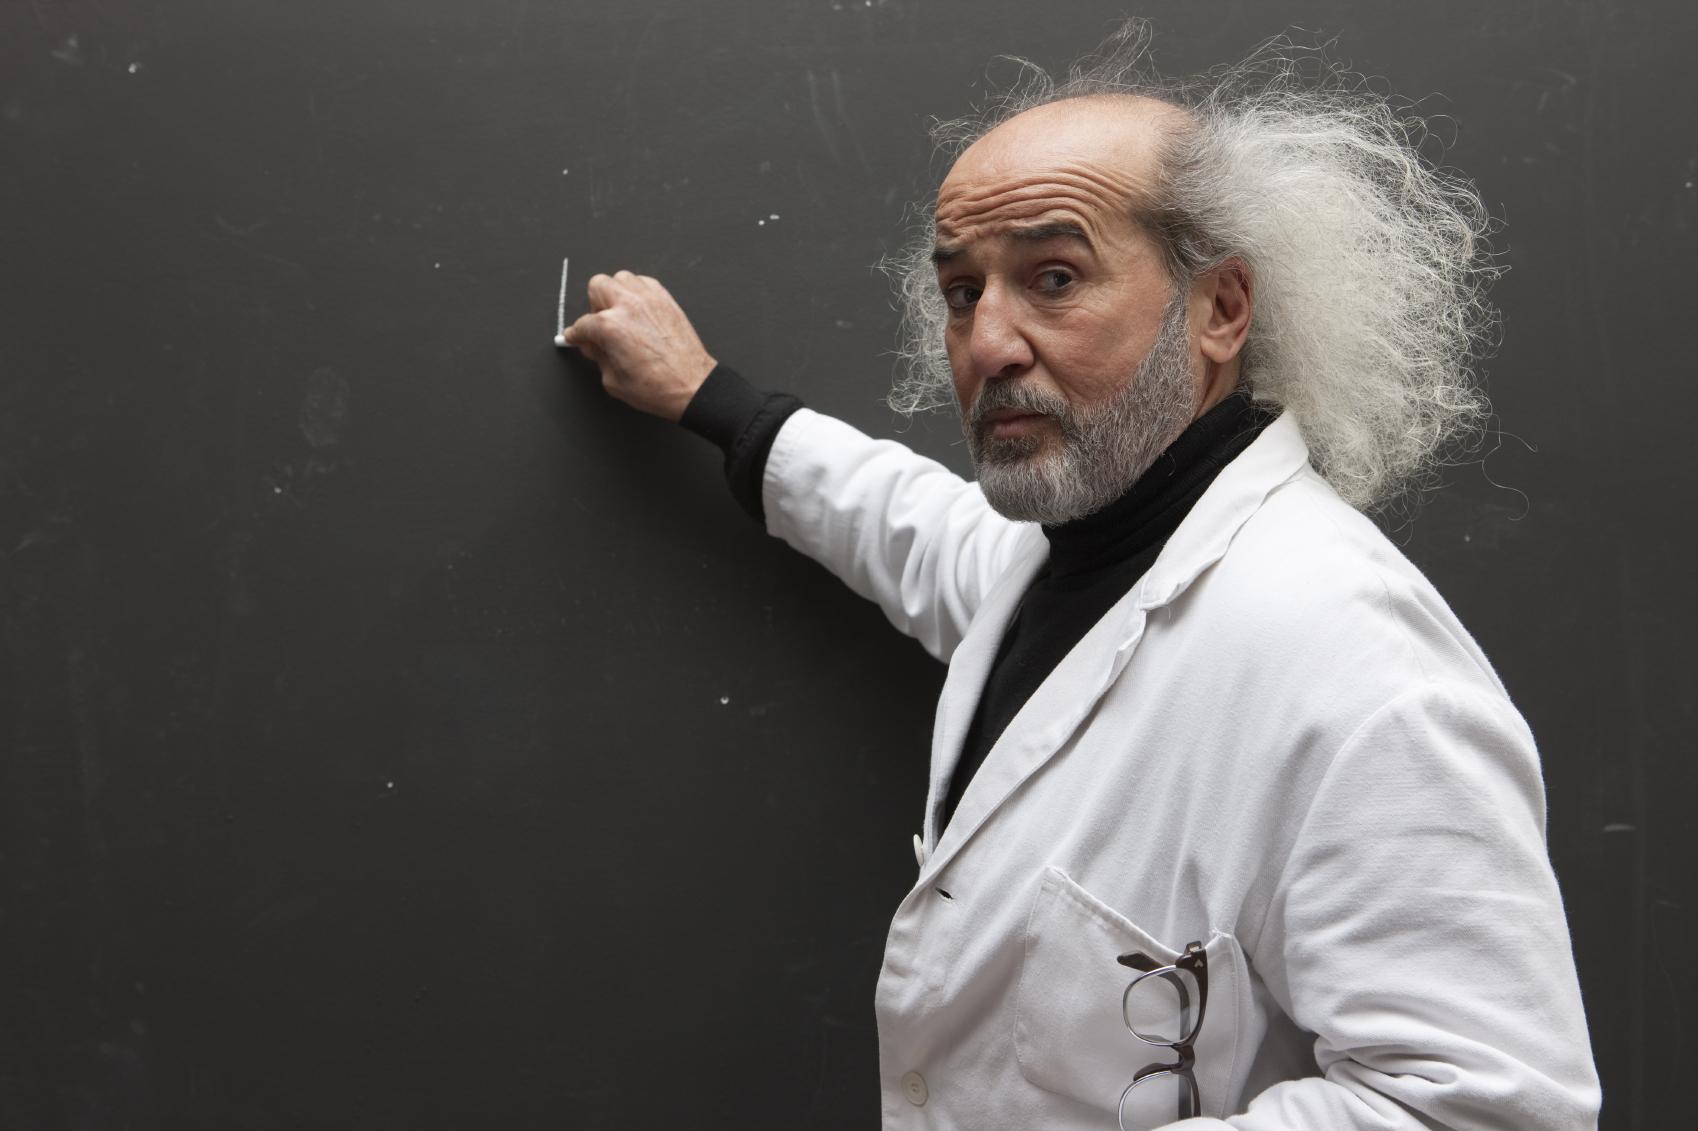 old-man-inventor-scientist-professor-elderly-innovator